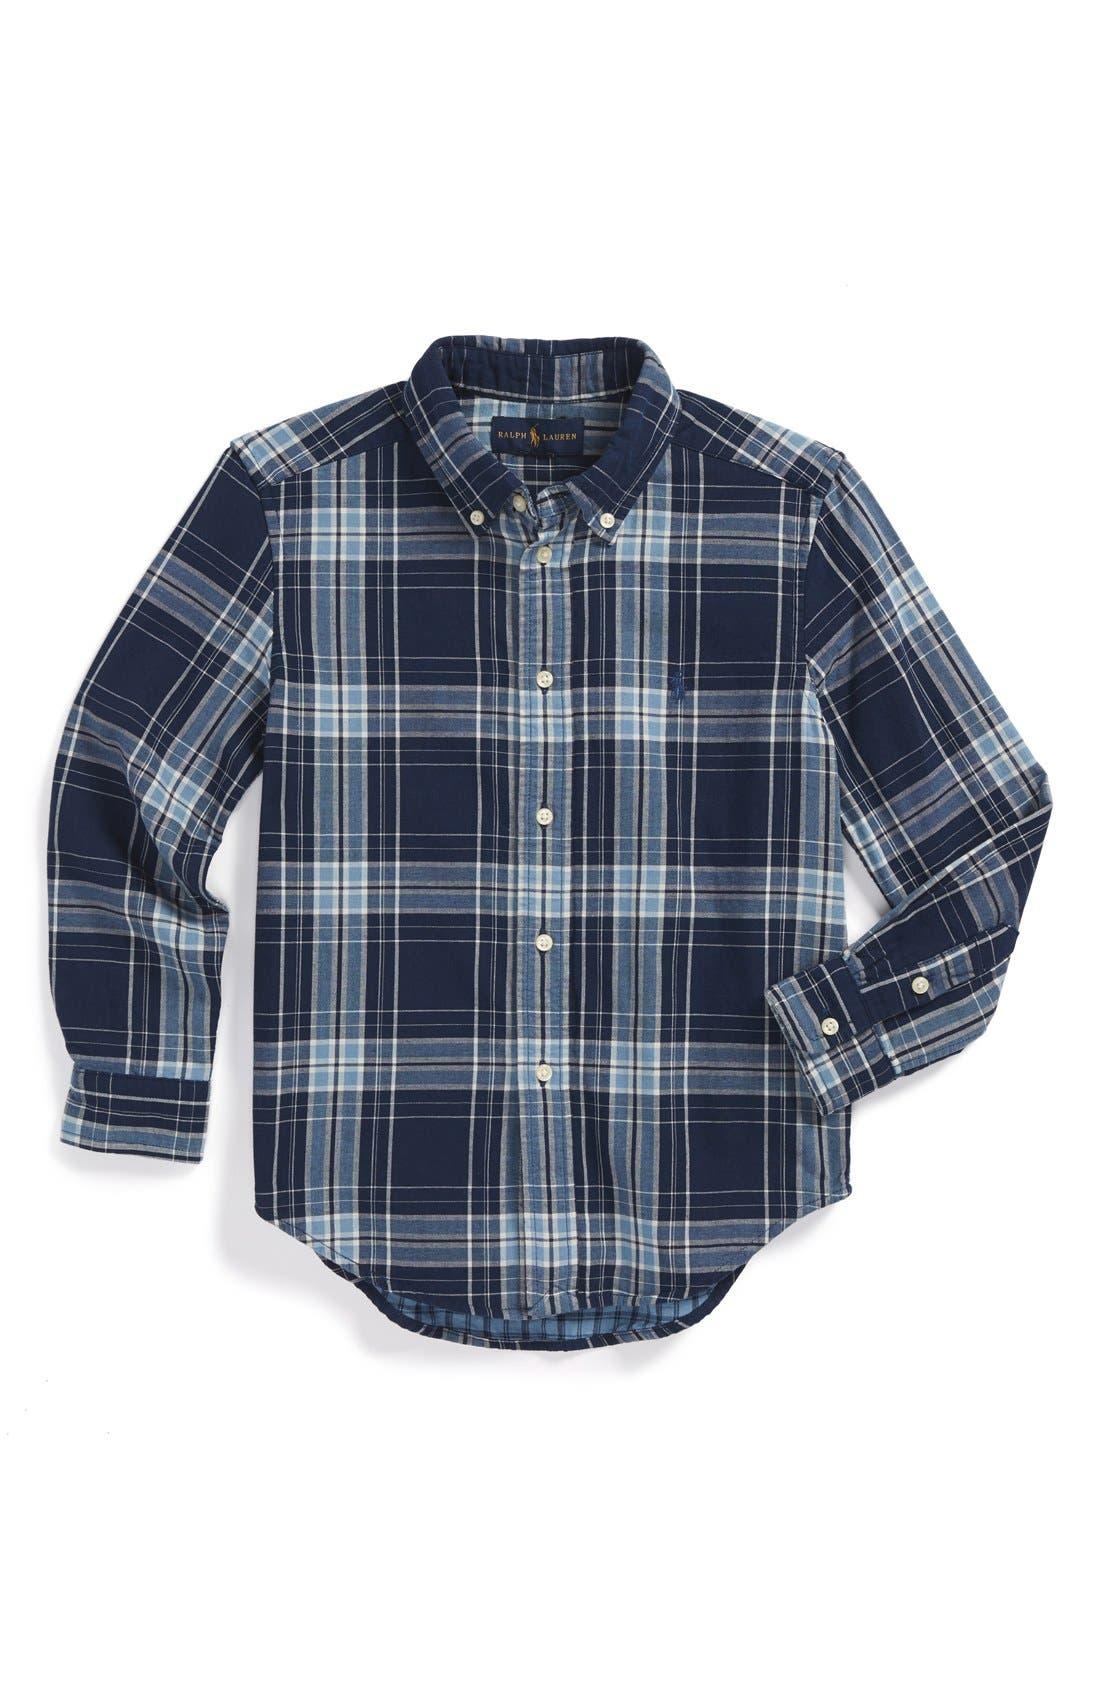 Main Image - Ralph Lauren 'Blake' Long Sleeve Woven Sport Shirt (Little Boys)